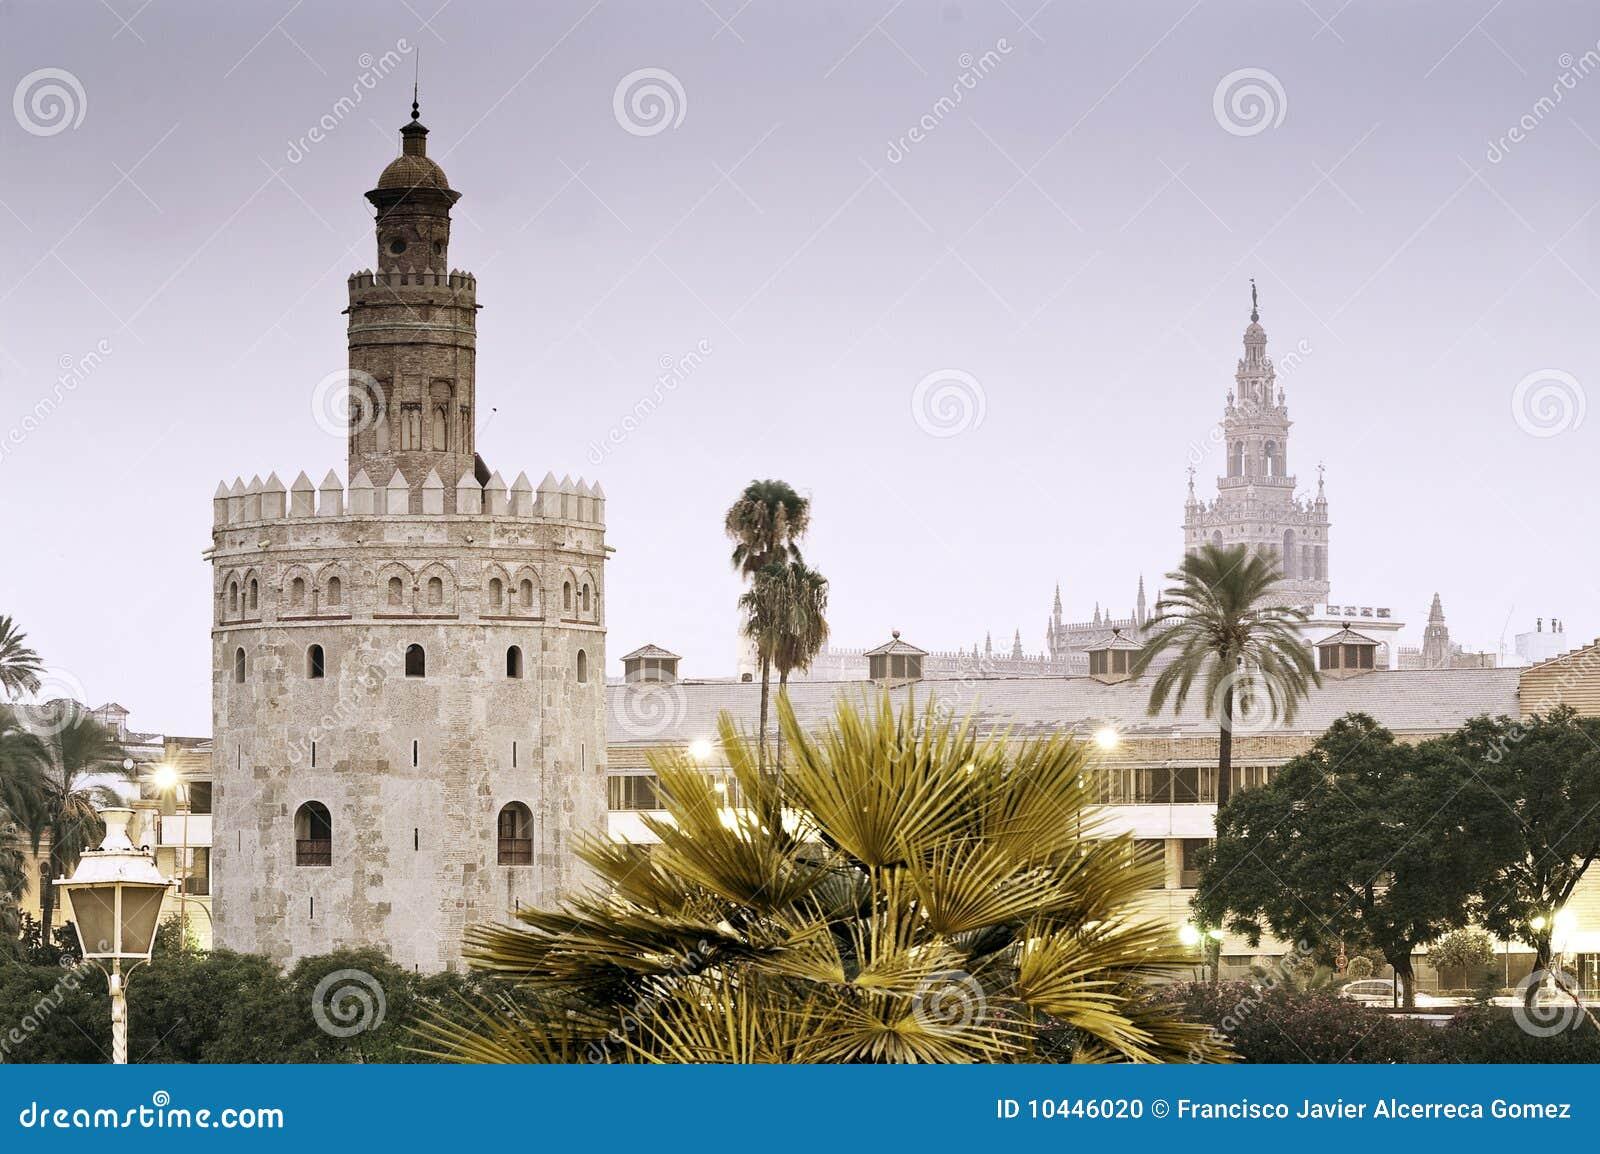 Torre del Oro and Giralda